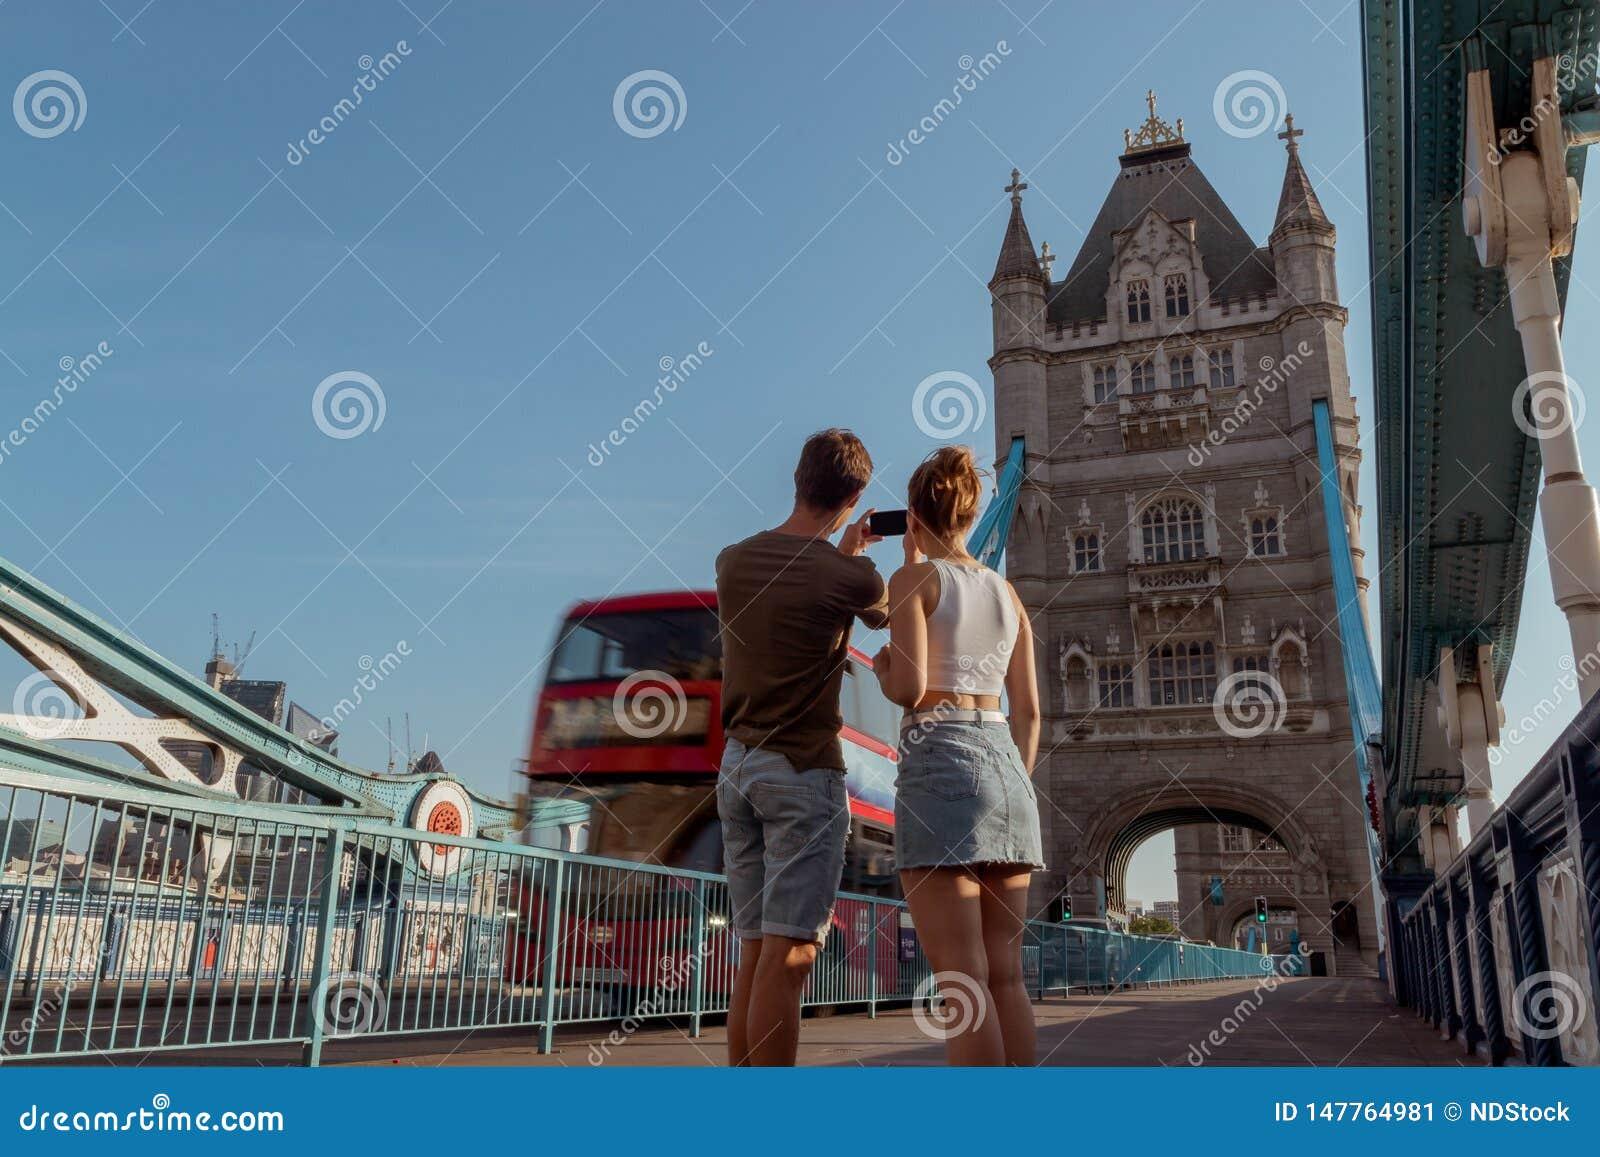 Το ζεύγος παίρνει μια εικόνα ενός κόκκινου διπλού λεωφορείου καταστρωμάτων στη γέφυρα πύργων στο Λονδίνο